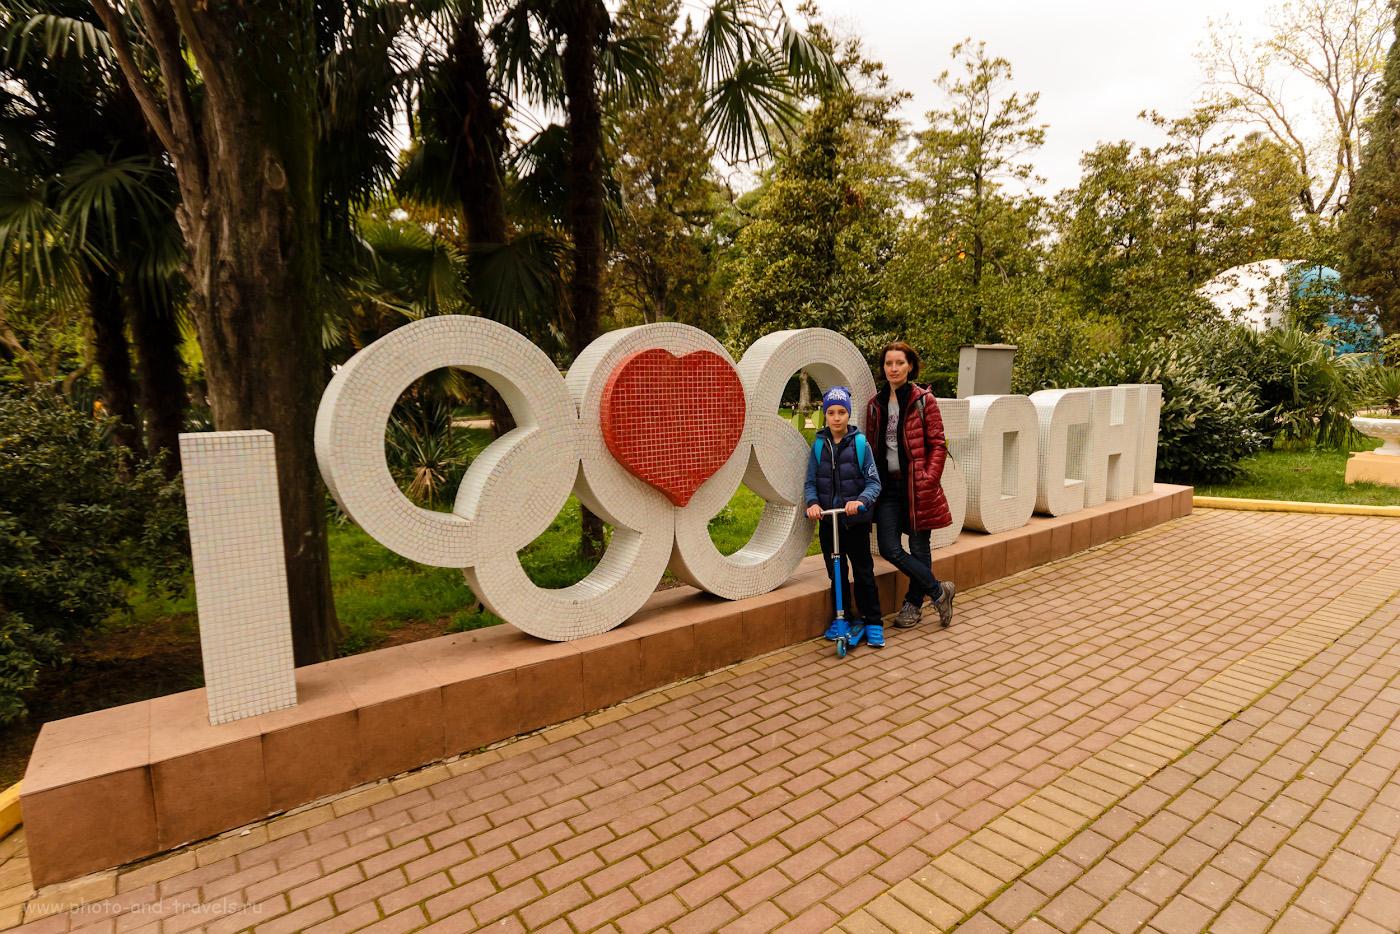 Снимок 23. На Центральной аллее парка «Ривьера». Куда сходить в Сочи с детьми. 1/200, f/6.3, ISO 200, 11мм.